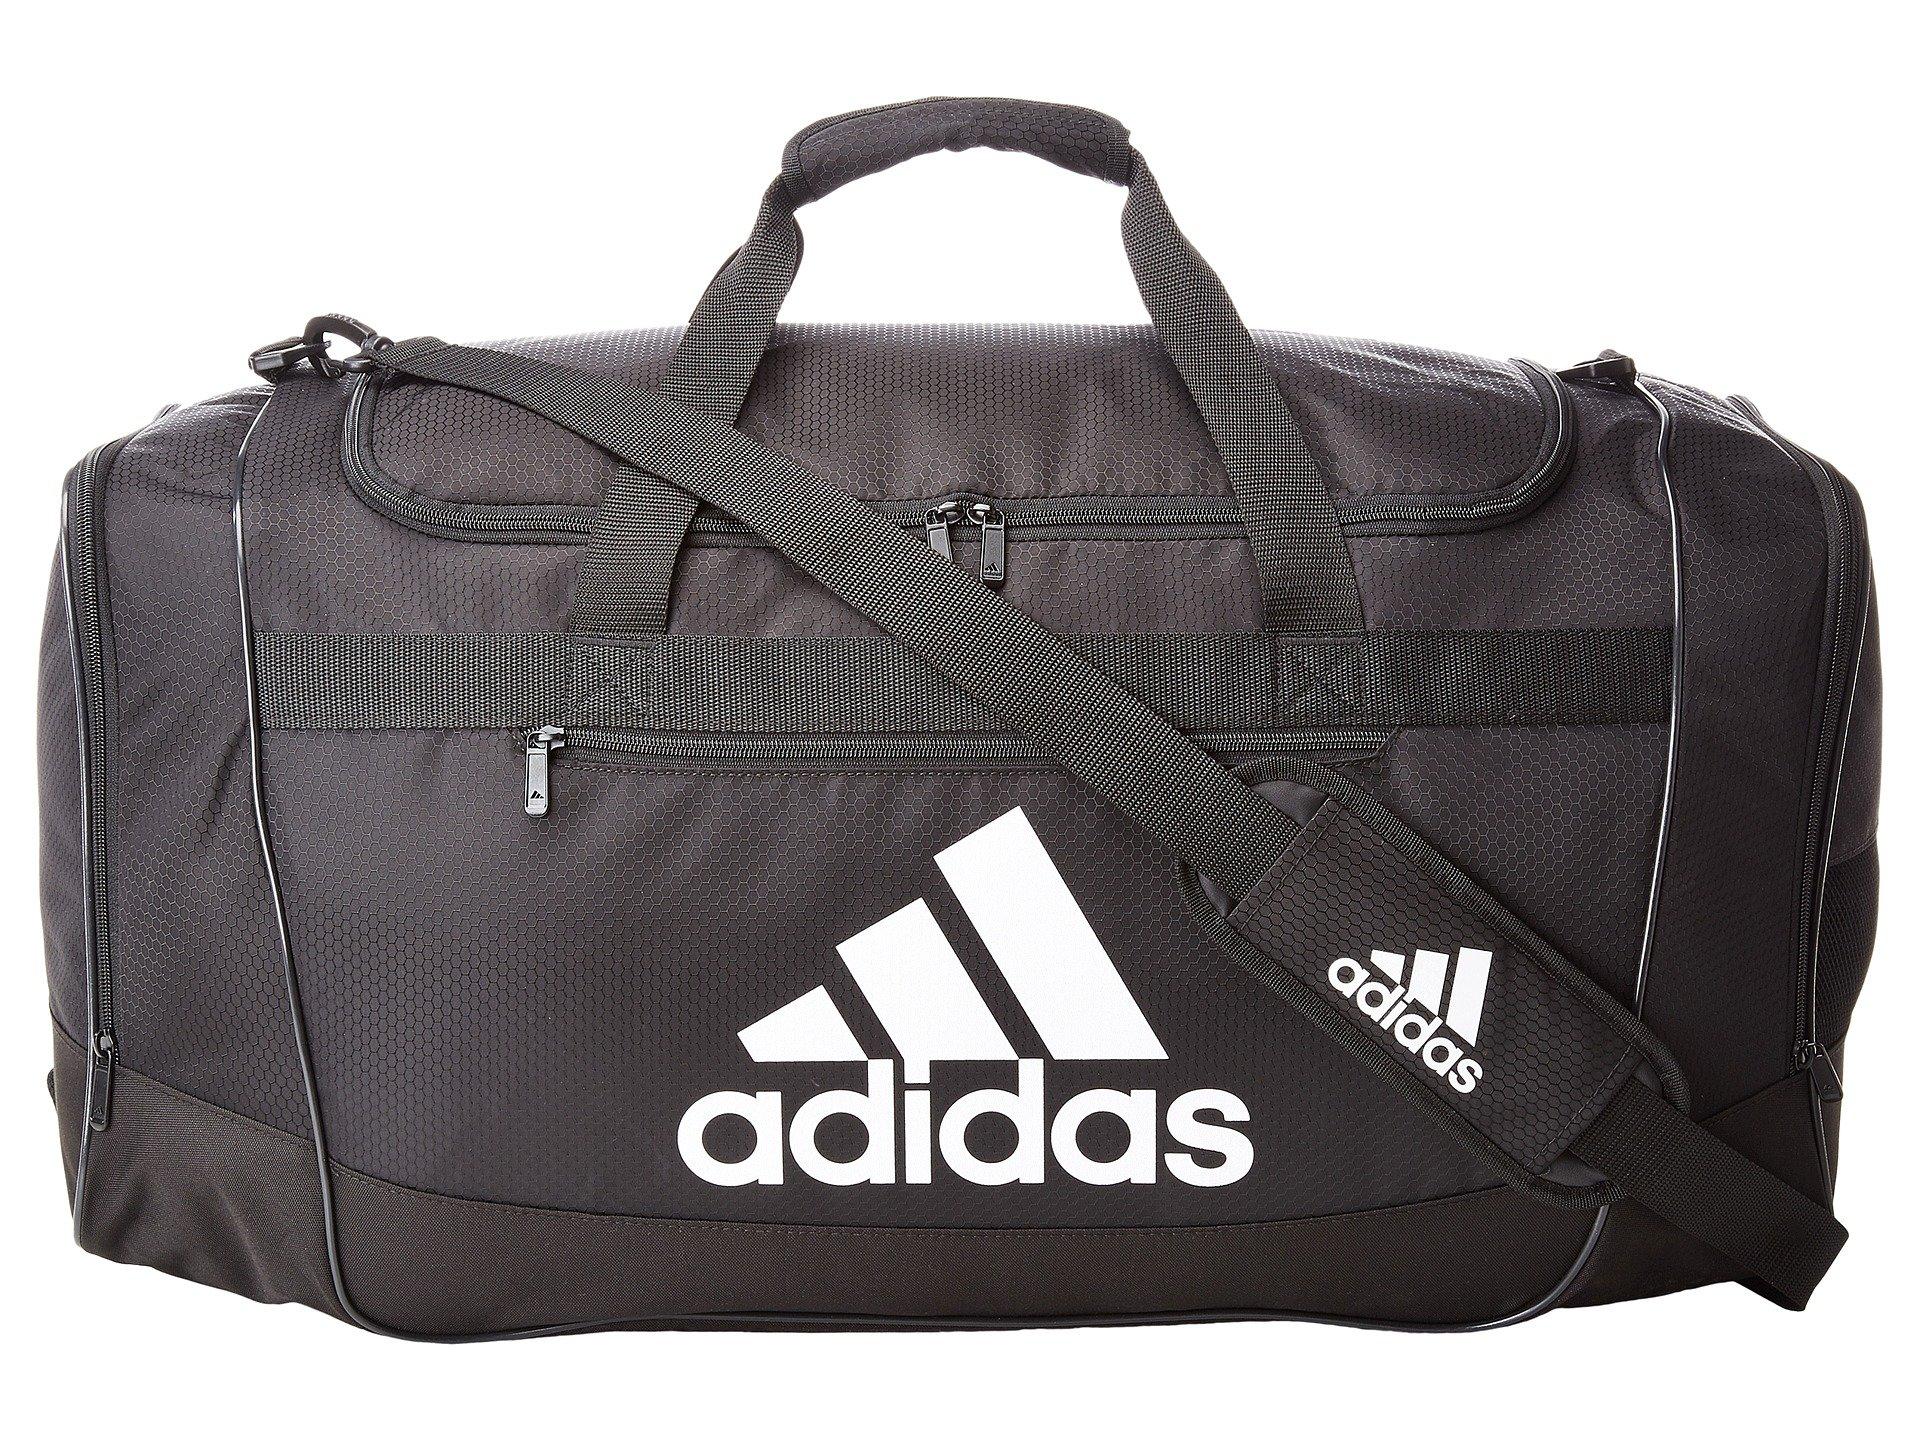 adidas Duffle Bags + FREE SHIPPING  bd19e1058ae27